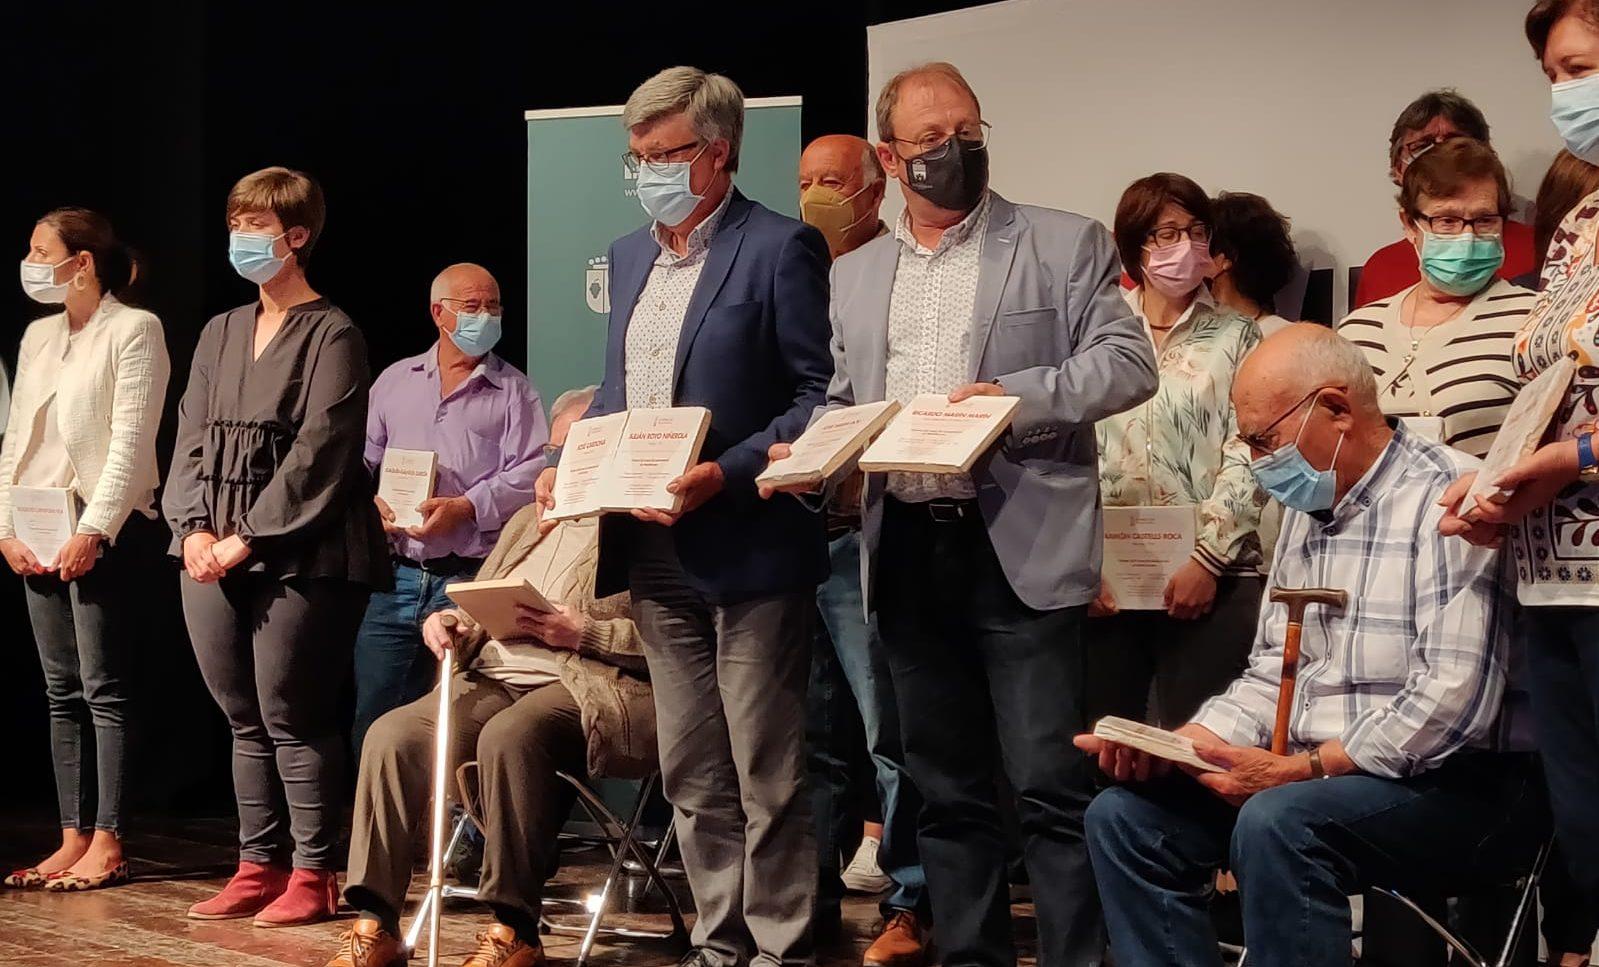 L'alcalde de Rossell arreplega els taulells en record dels veïns deportats als camps d'extermini nazi